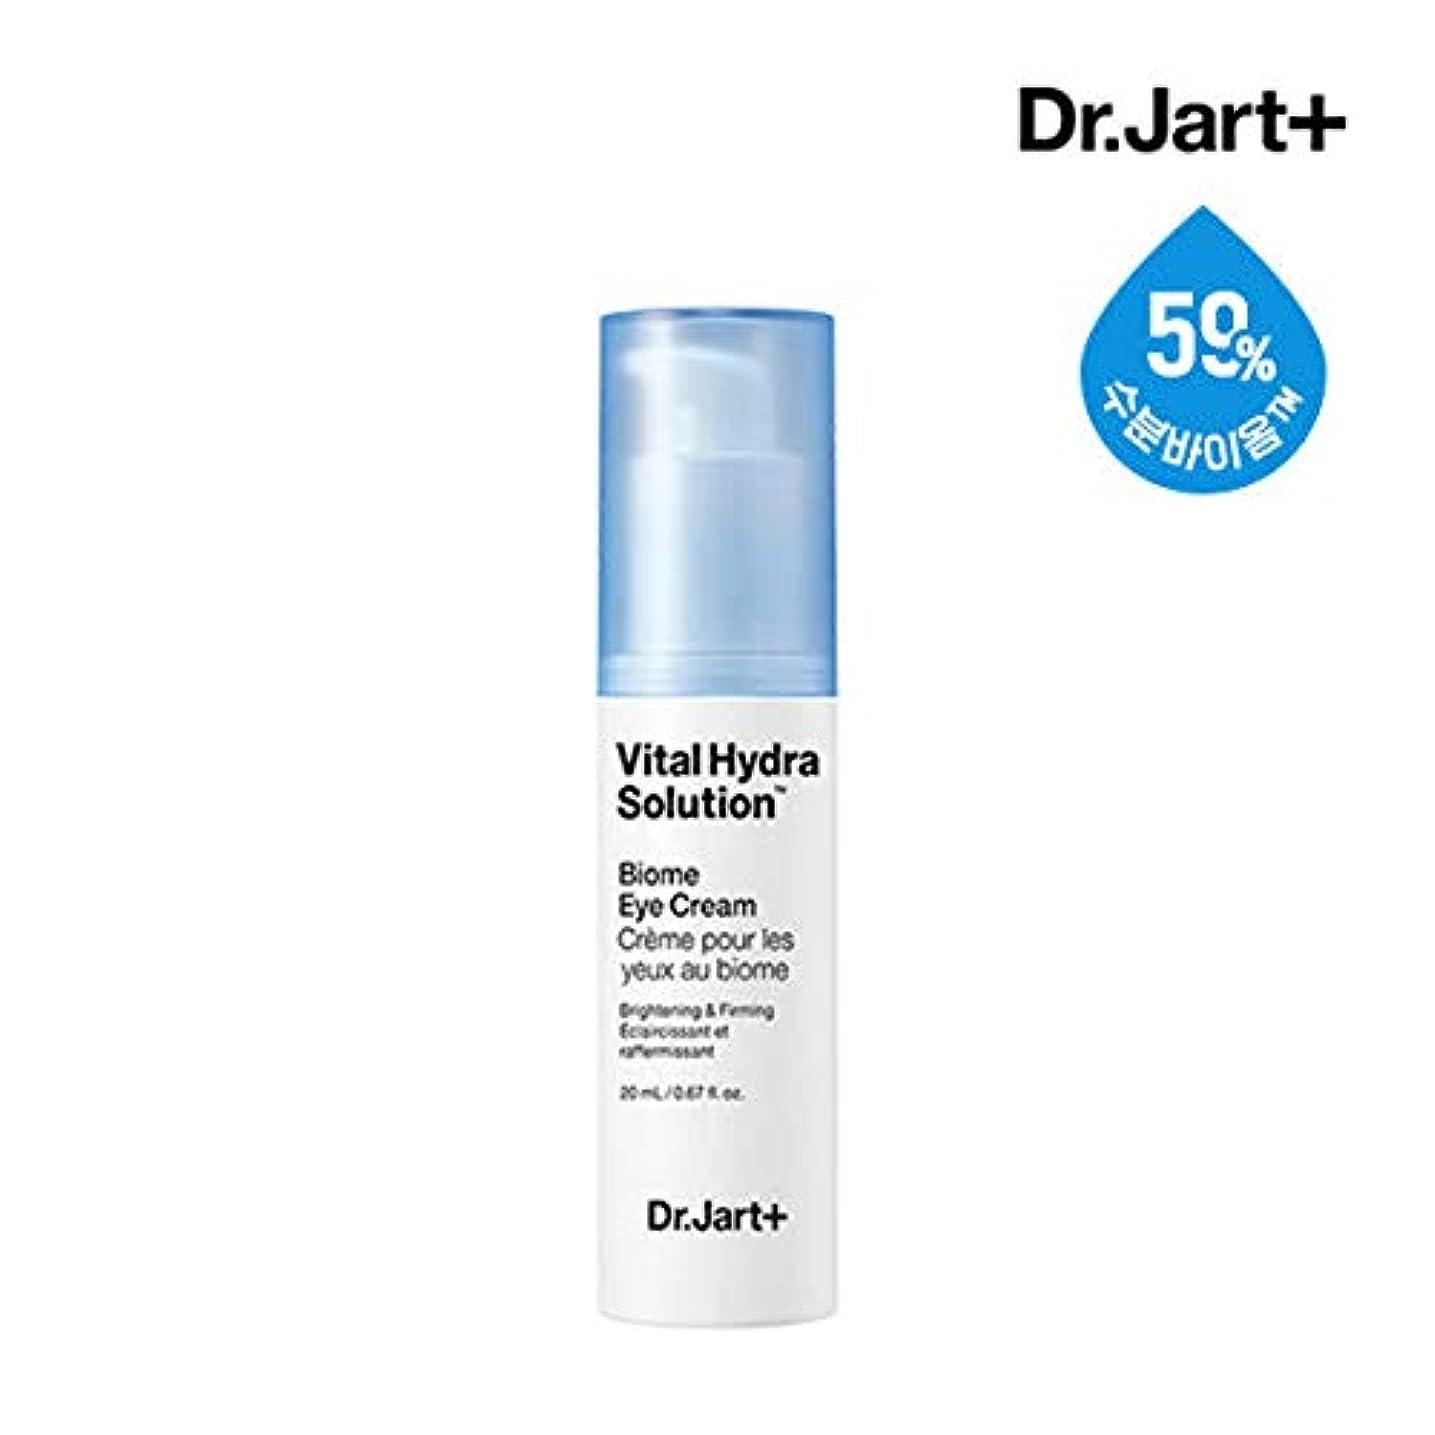 上流の祭り先史時代のドクタージャルトゥ[Dr.Jart+] バイタルハイドラソリューションバイオームアイクリーム20ml (Vital Hydra Solution Biome Eye Cream) / ブライトニング&ファーミング